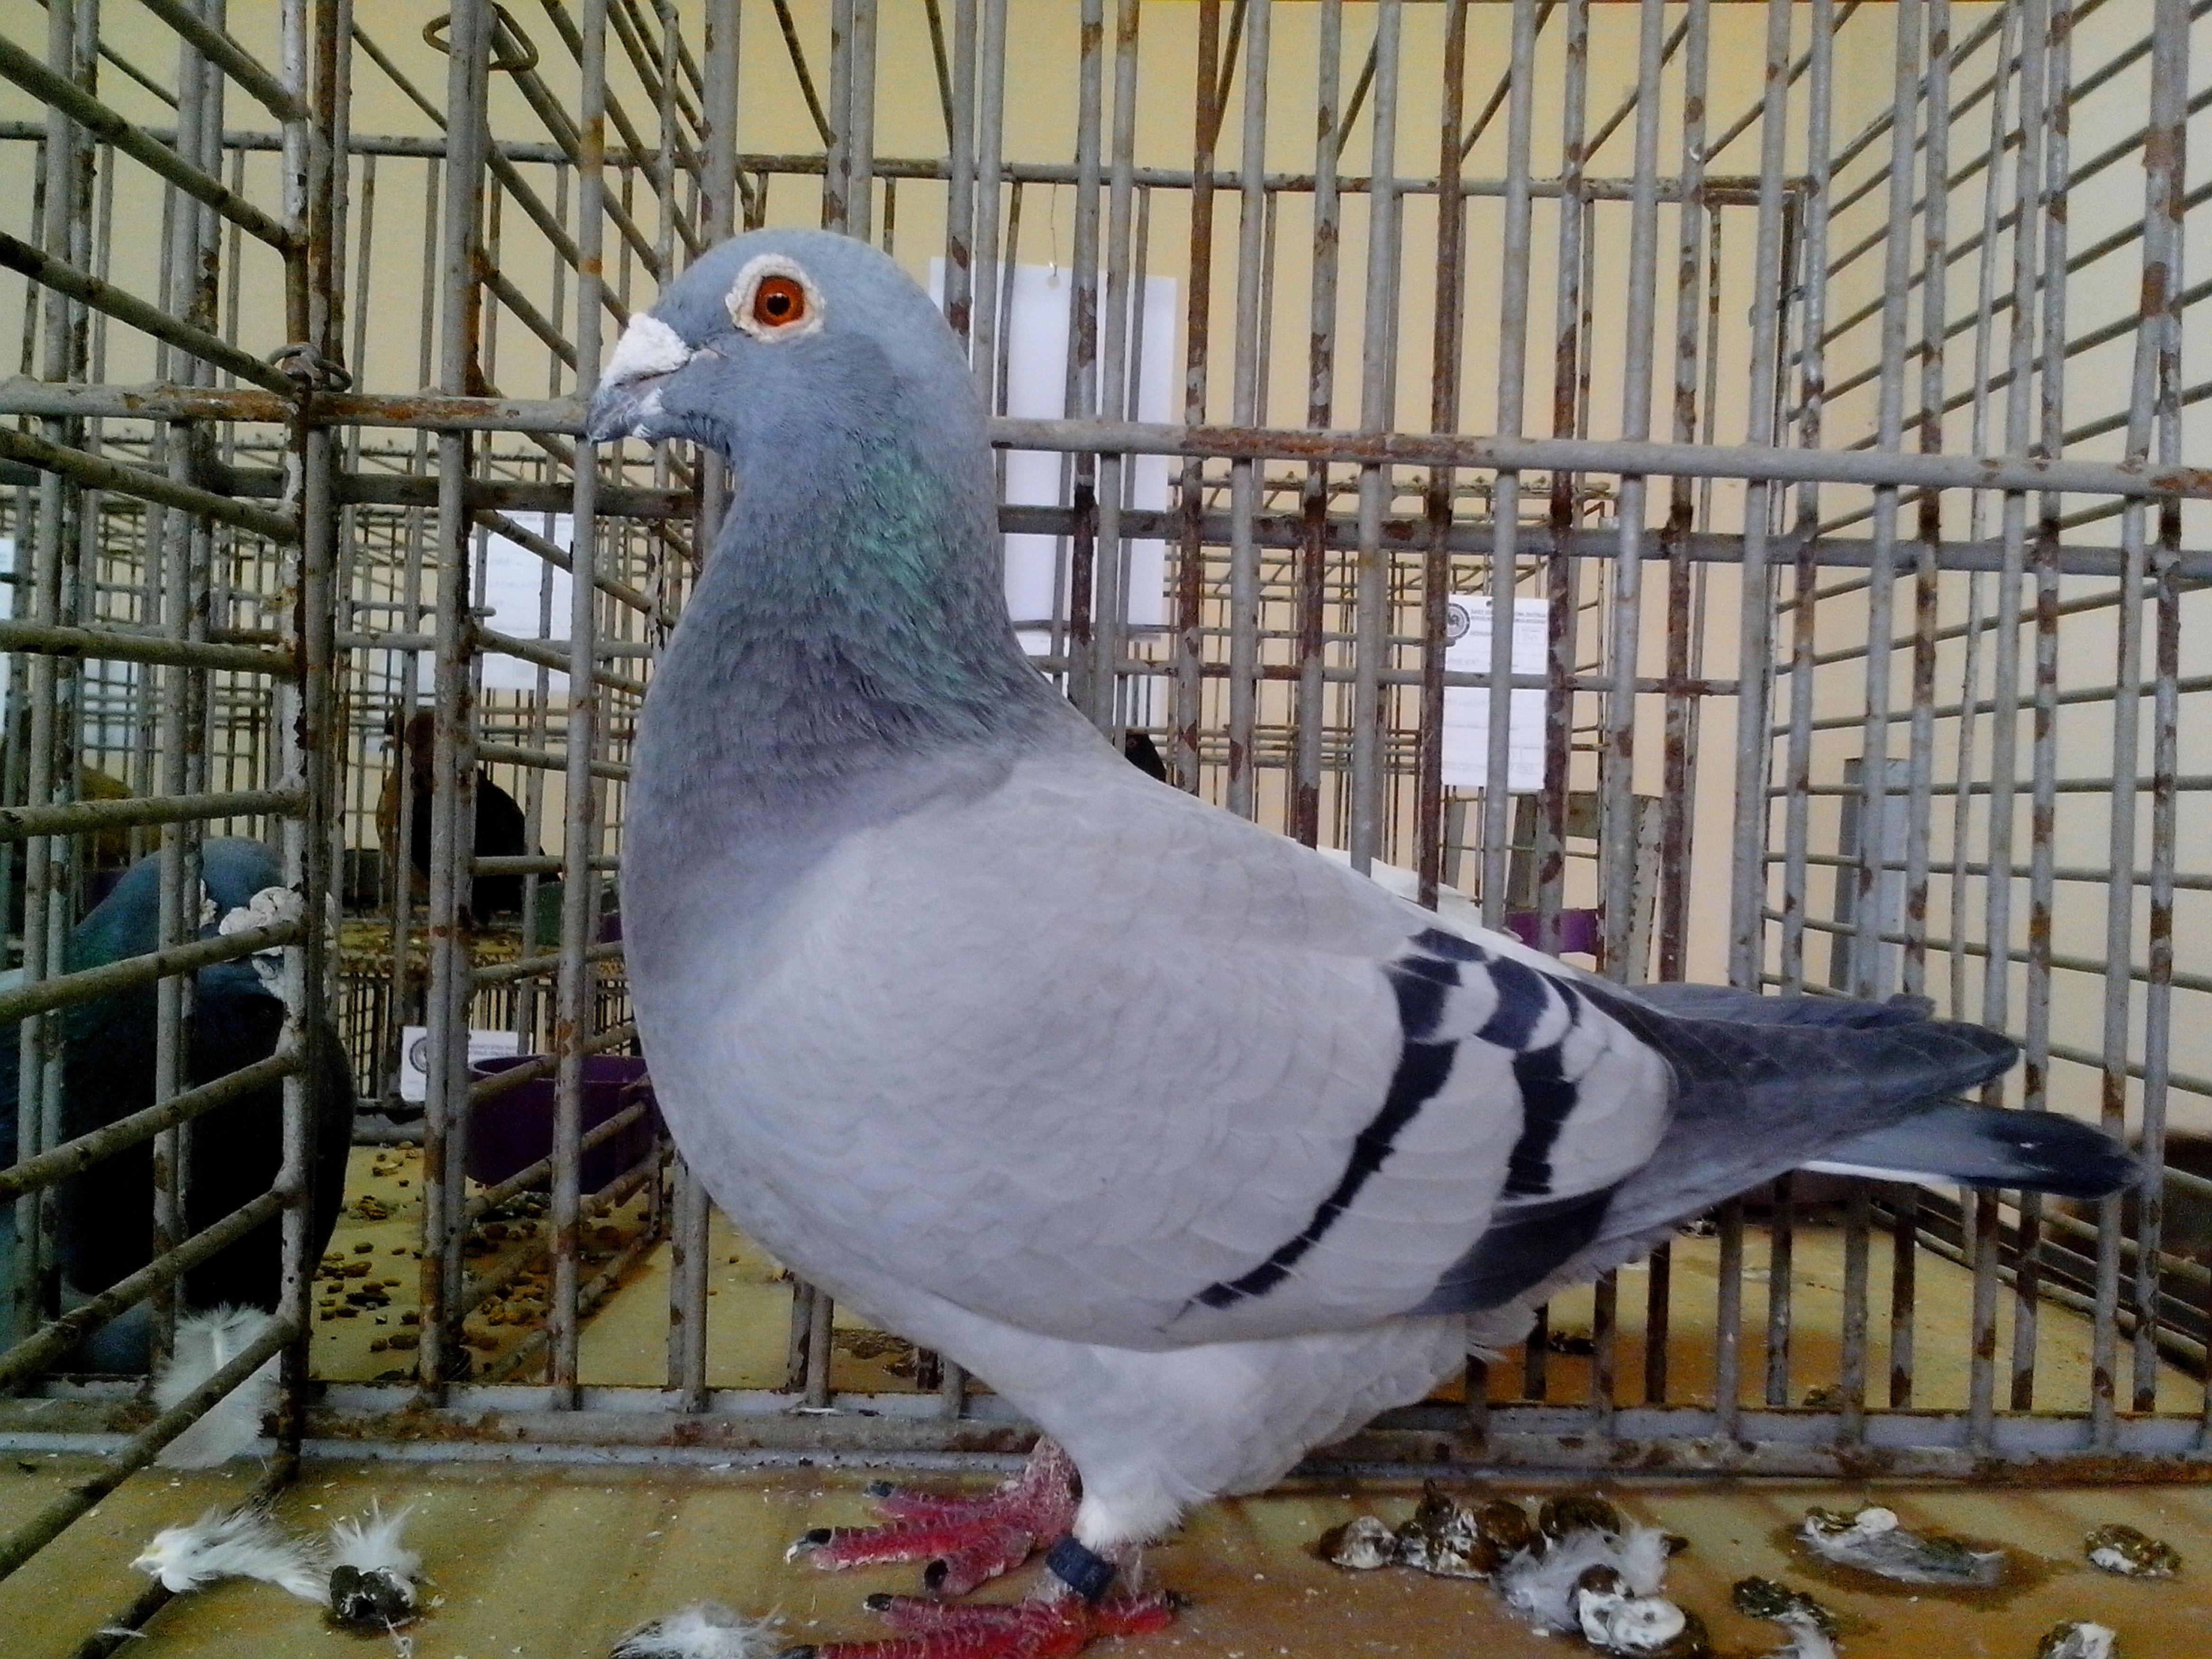 Free photograph; light, blue, pigeon, bird, show